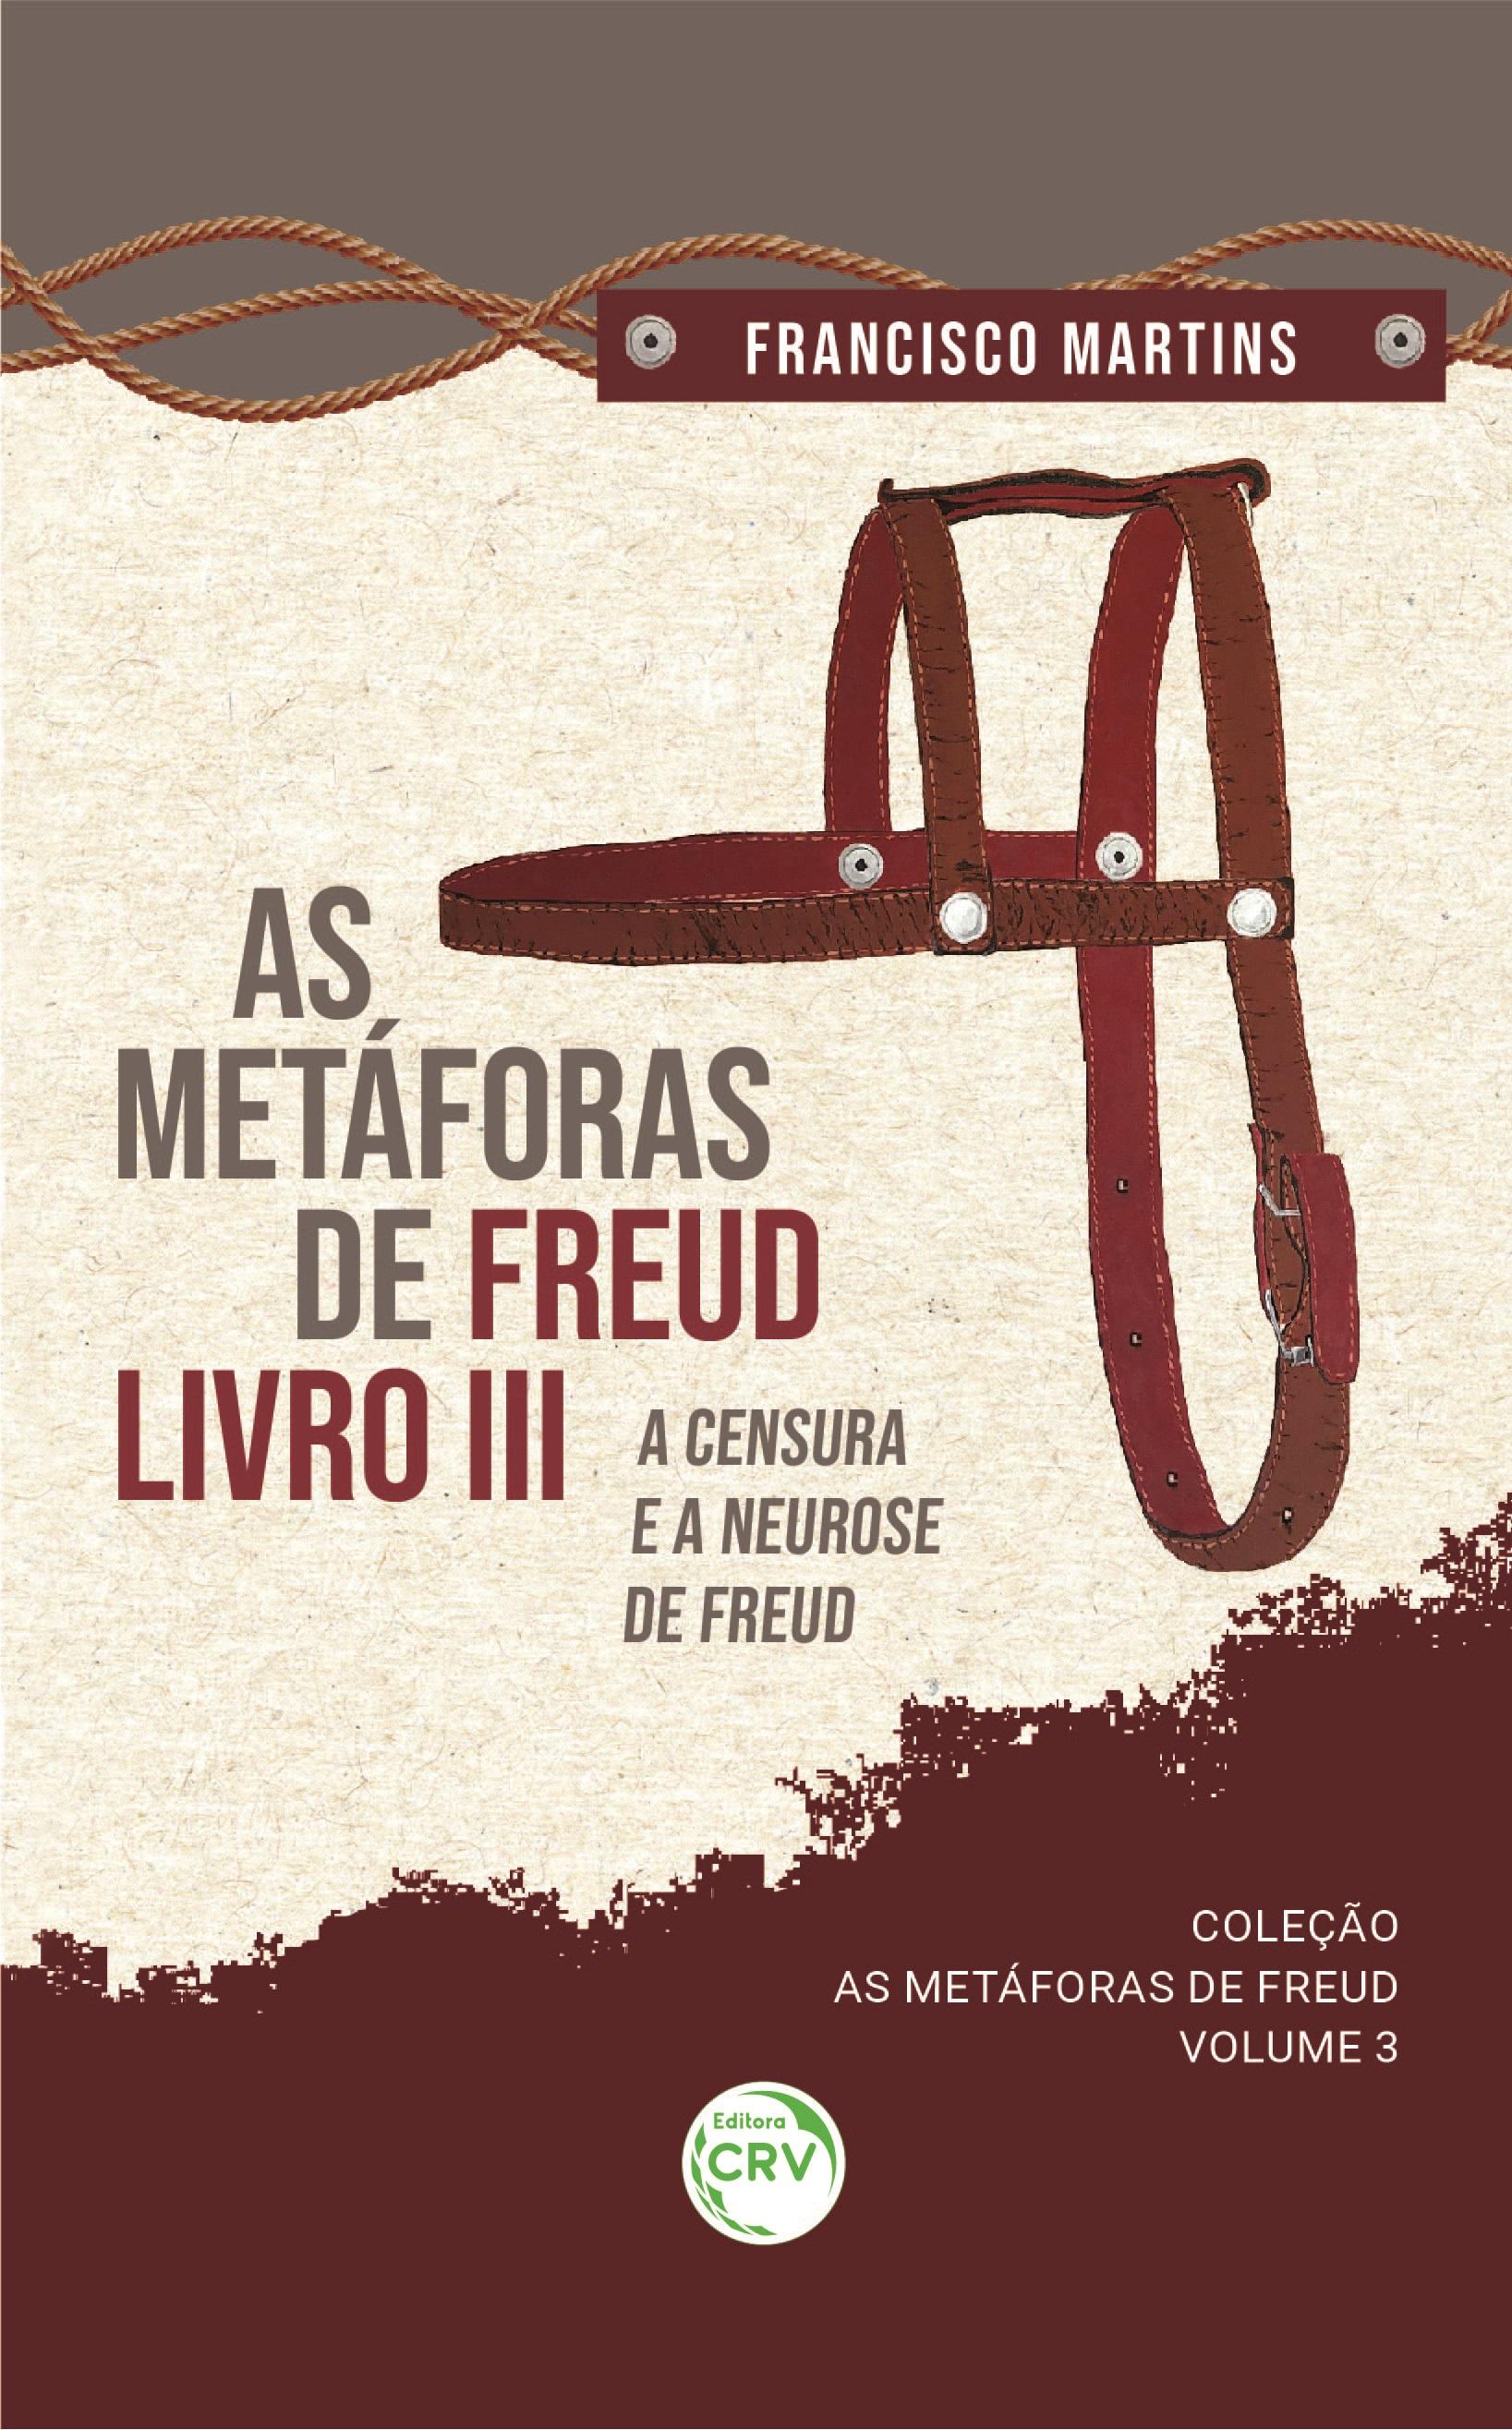 Capa do livro: AS METÁFORAS DE FREUD, LIVRO III, A CENSURA E A NEUROSE DE FREUD<br> <br>Coleção As metáforas de Freud - Volume 3